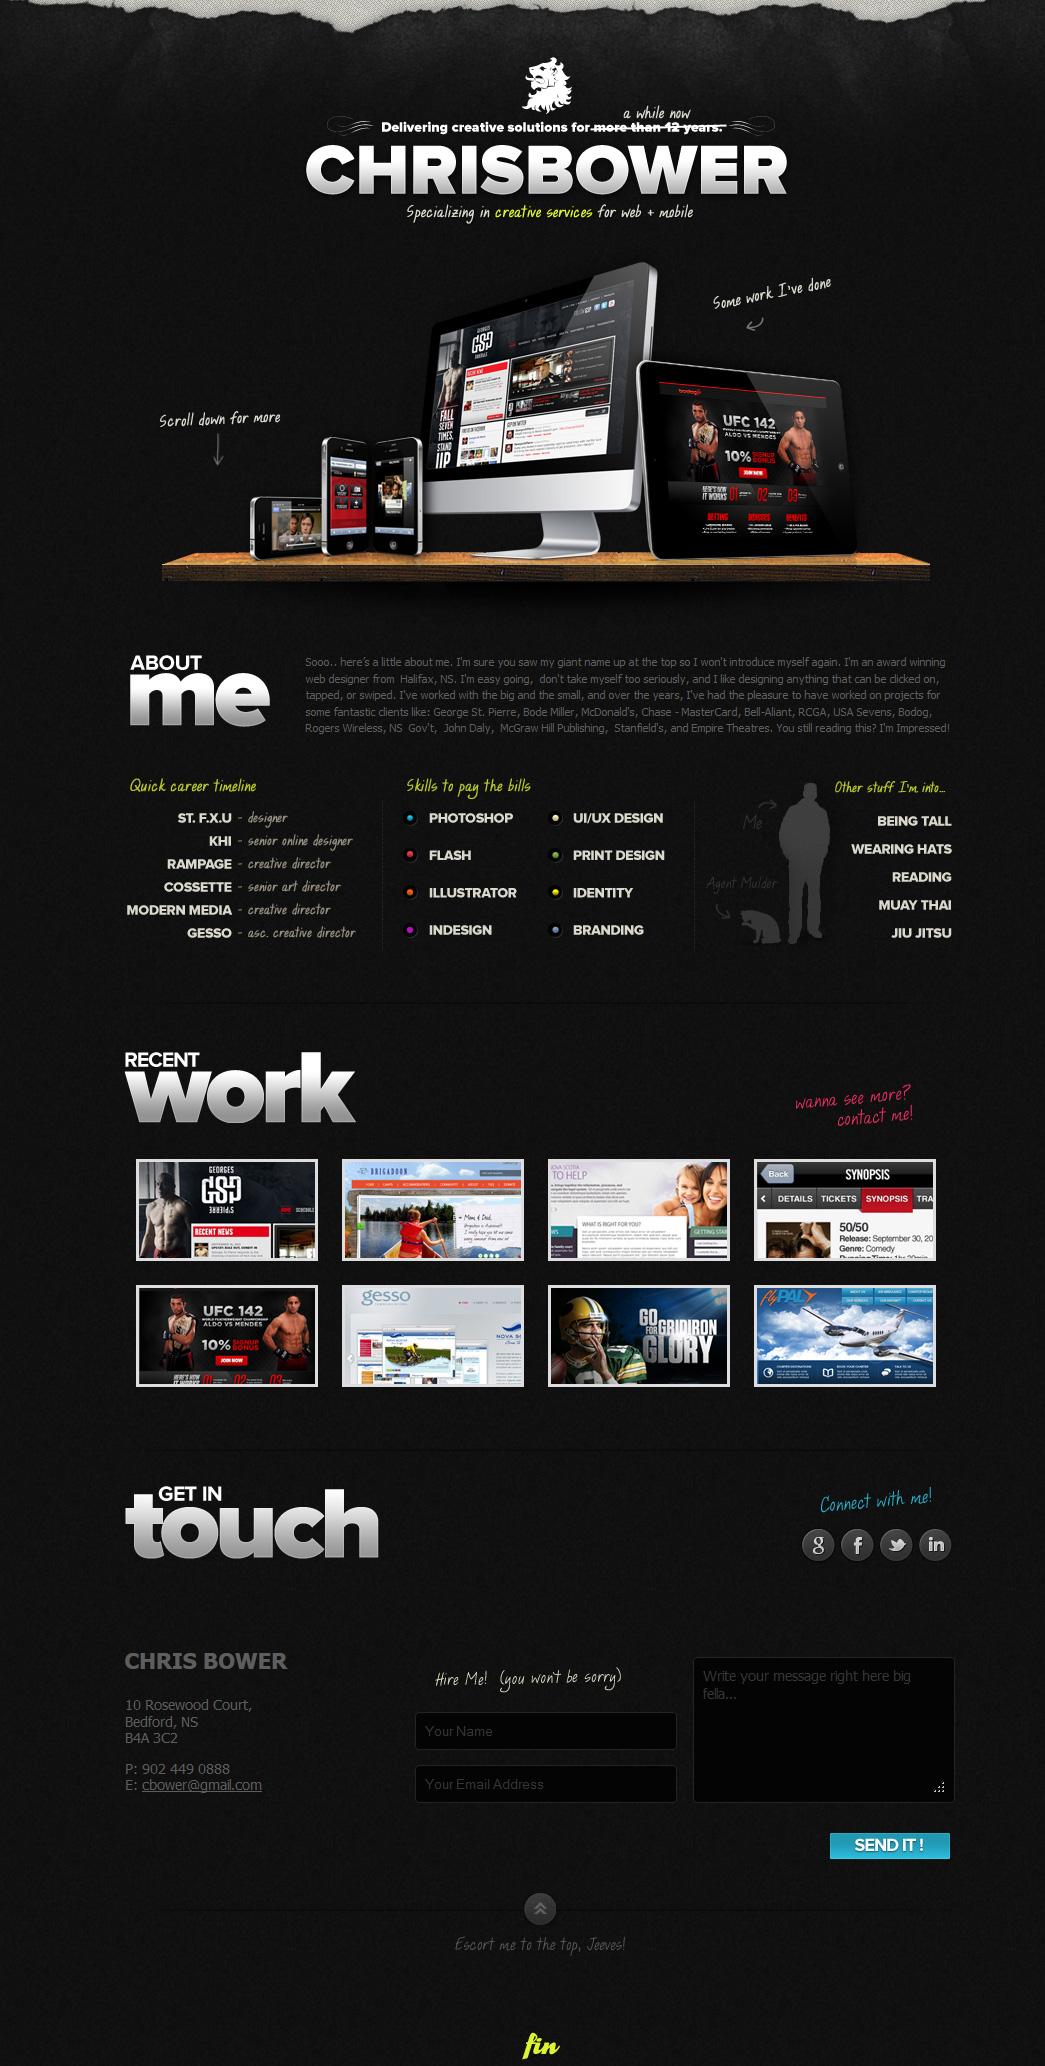 Chris Bower Website Screenshot